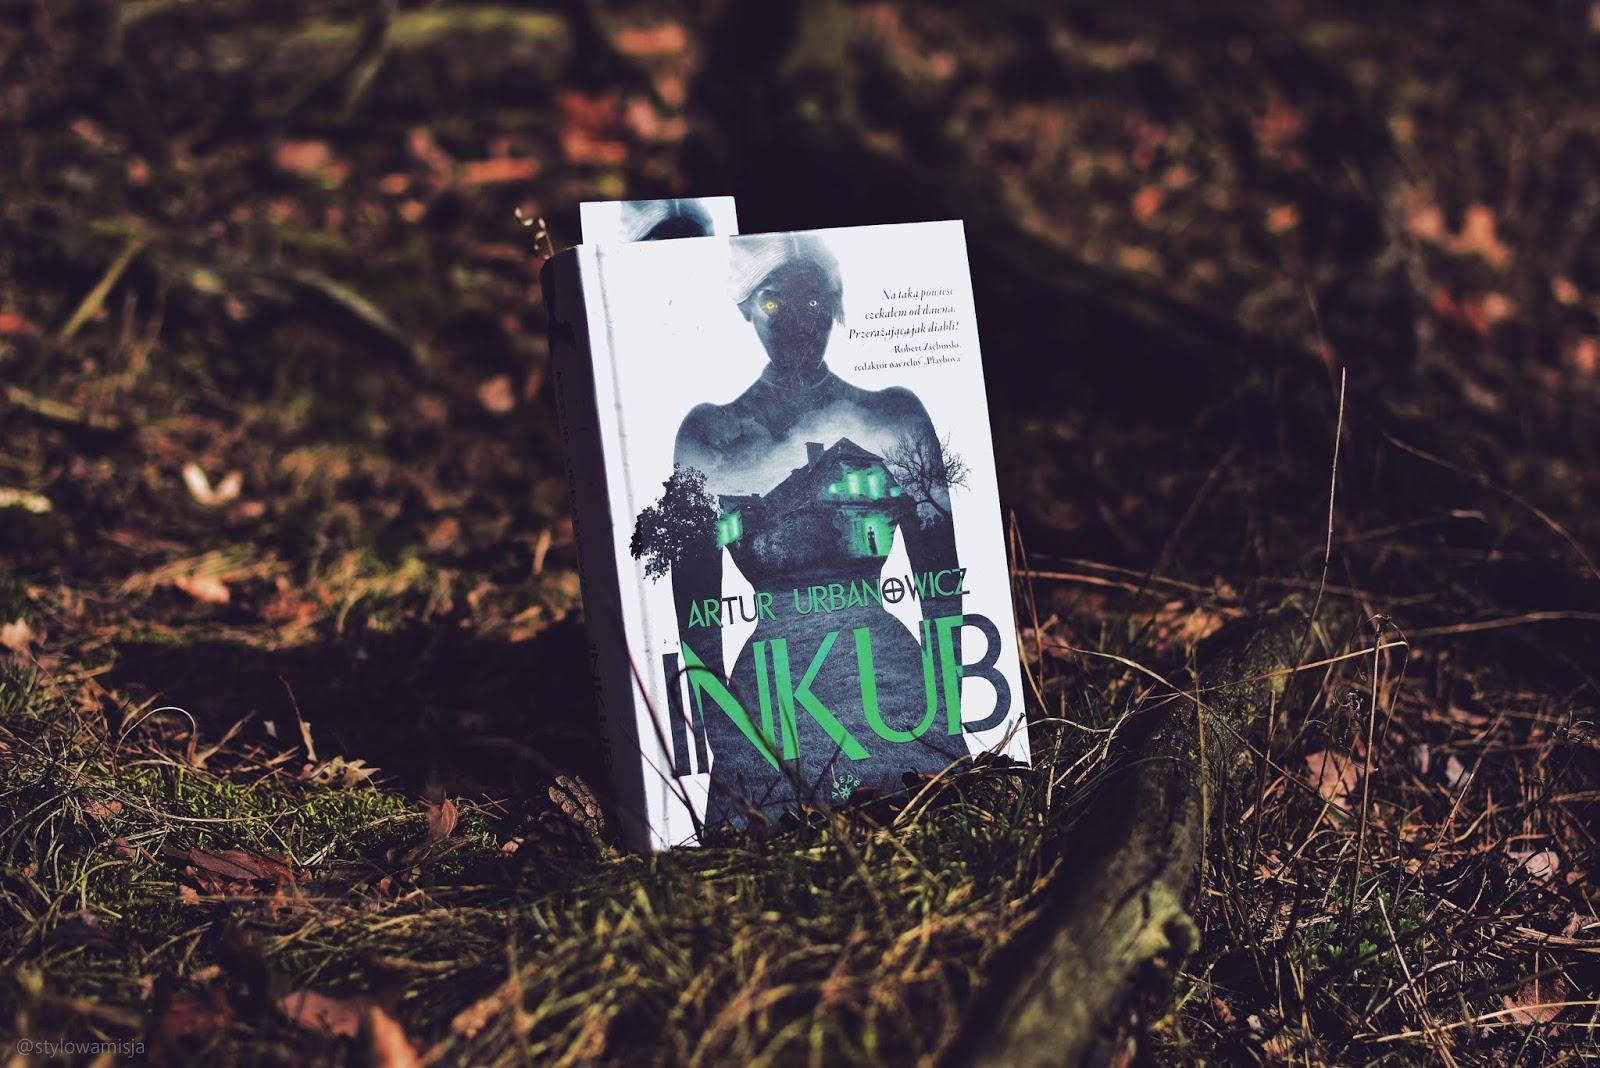 ArturUrbanowicz, czary, horror, Inkub, książkaroku, opowiadanie, recenzja, wiedźma, wieś, WydawnictwoVesper,